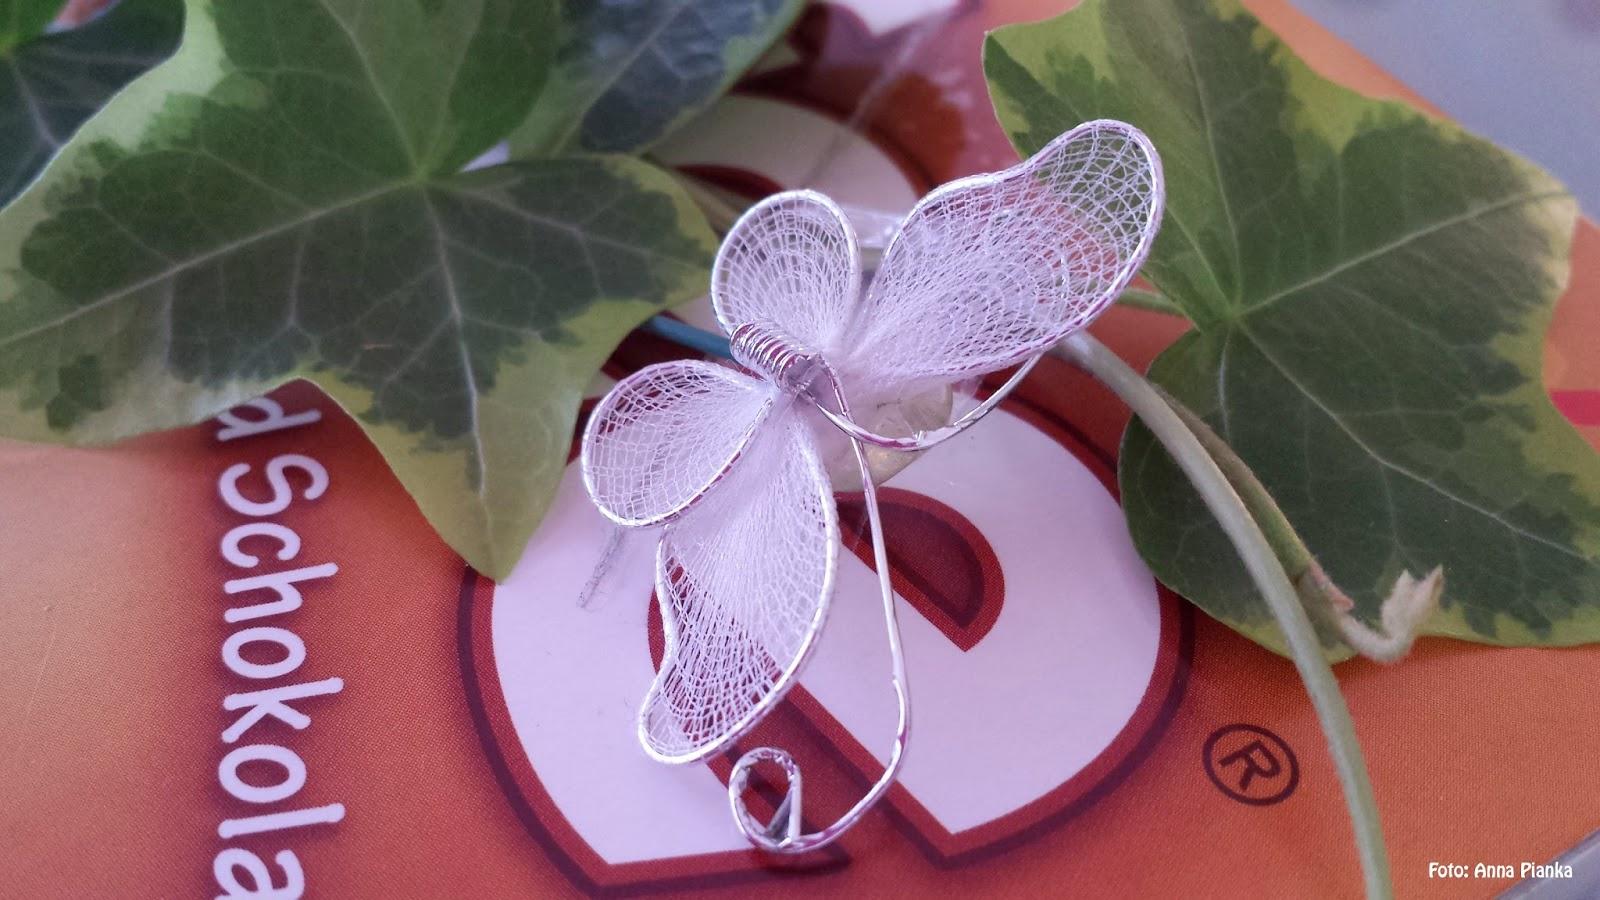 Weißer Stoff-Schmetterling auf Toffifee-Packung geklebt, Nahansicht